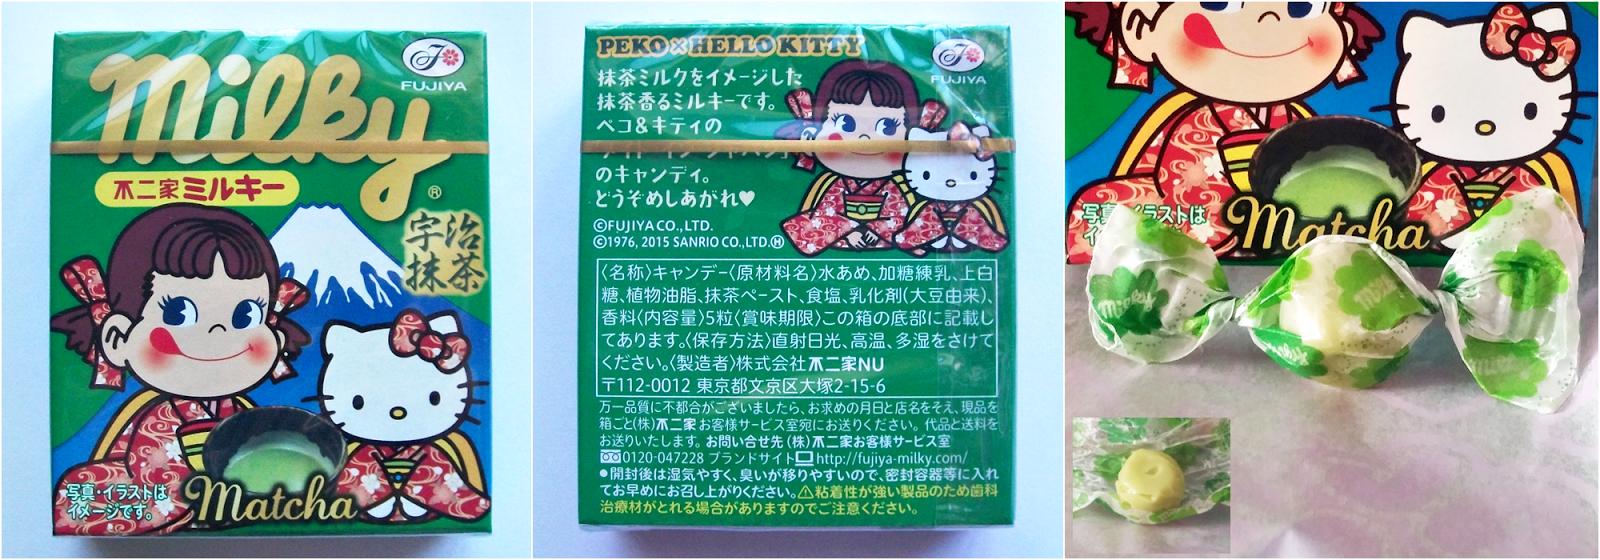 Fujiya Milky Matcha Green Tea Candies